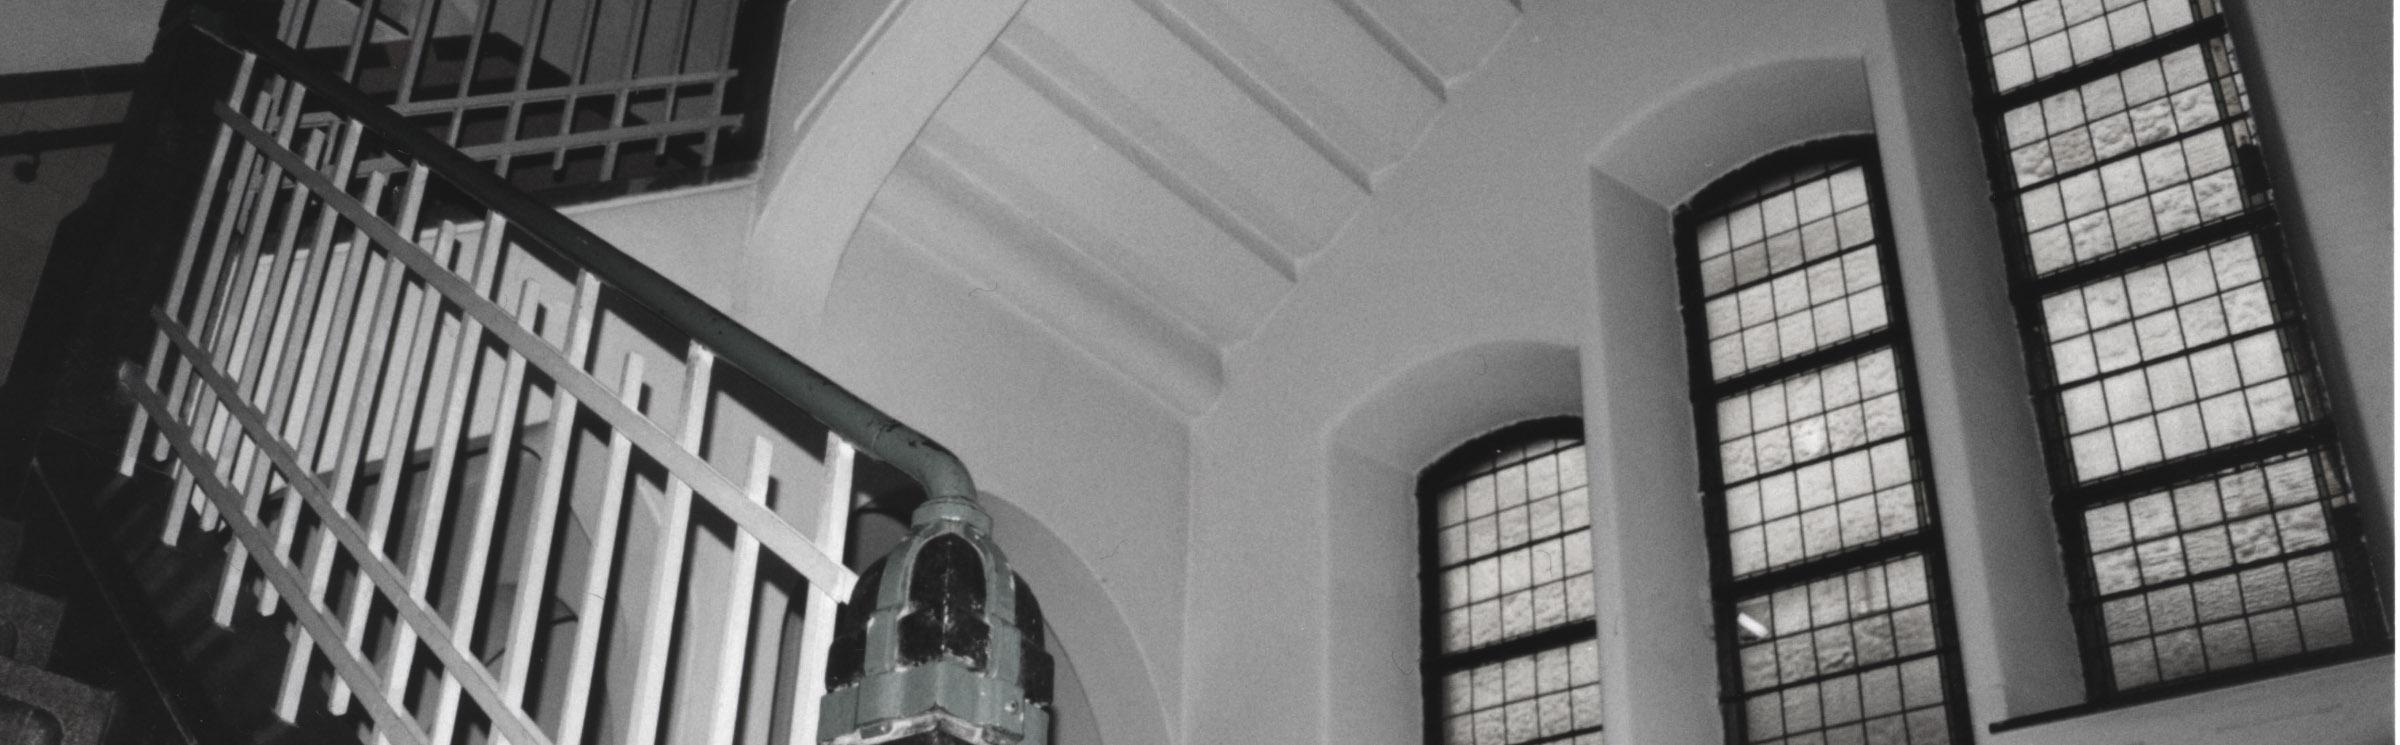 Headafbeelding 2 - Herbestemming oude katholieke school naar Appartementen, Amsterdam - BEELEN CS architecten Eindhoven / Thalliagroep Weert